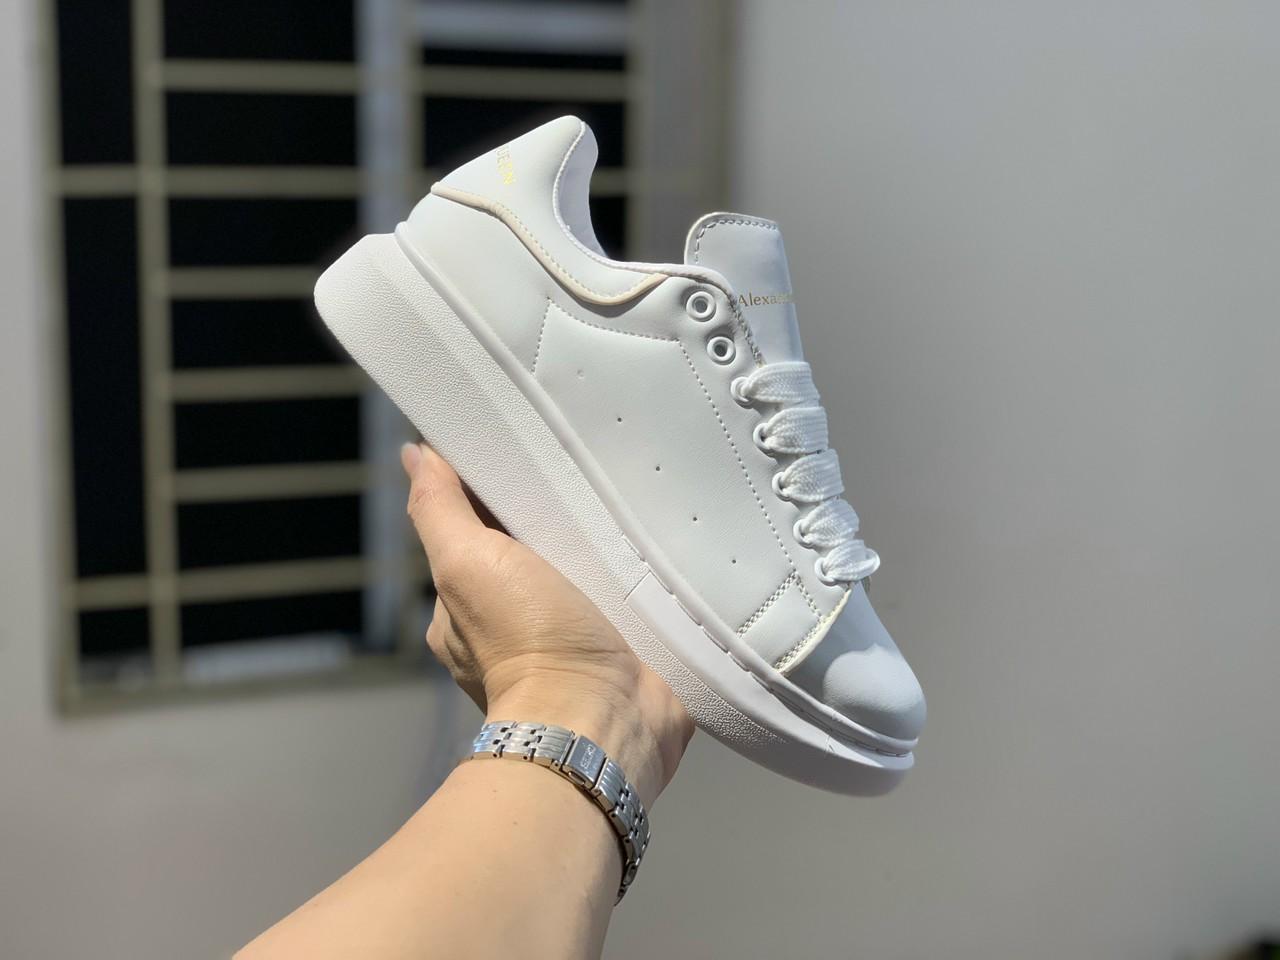 Giày Thể Thao trắng Alexander MCQueen ( Xem ngay sản phẩm)